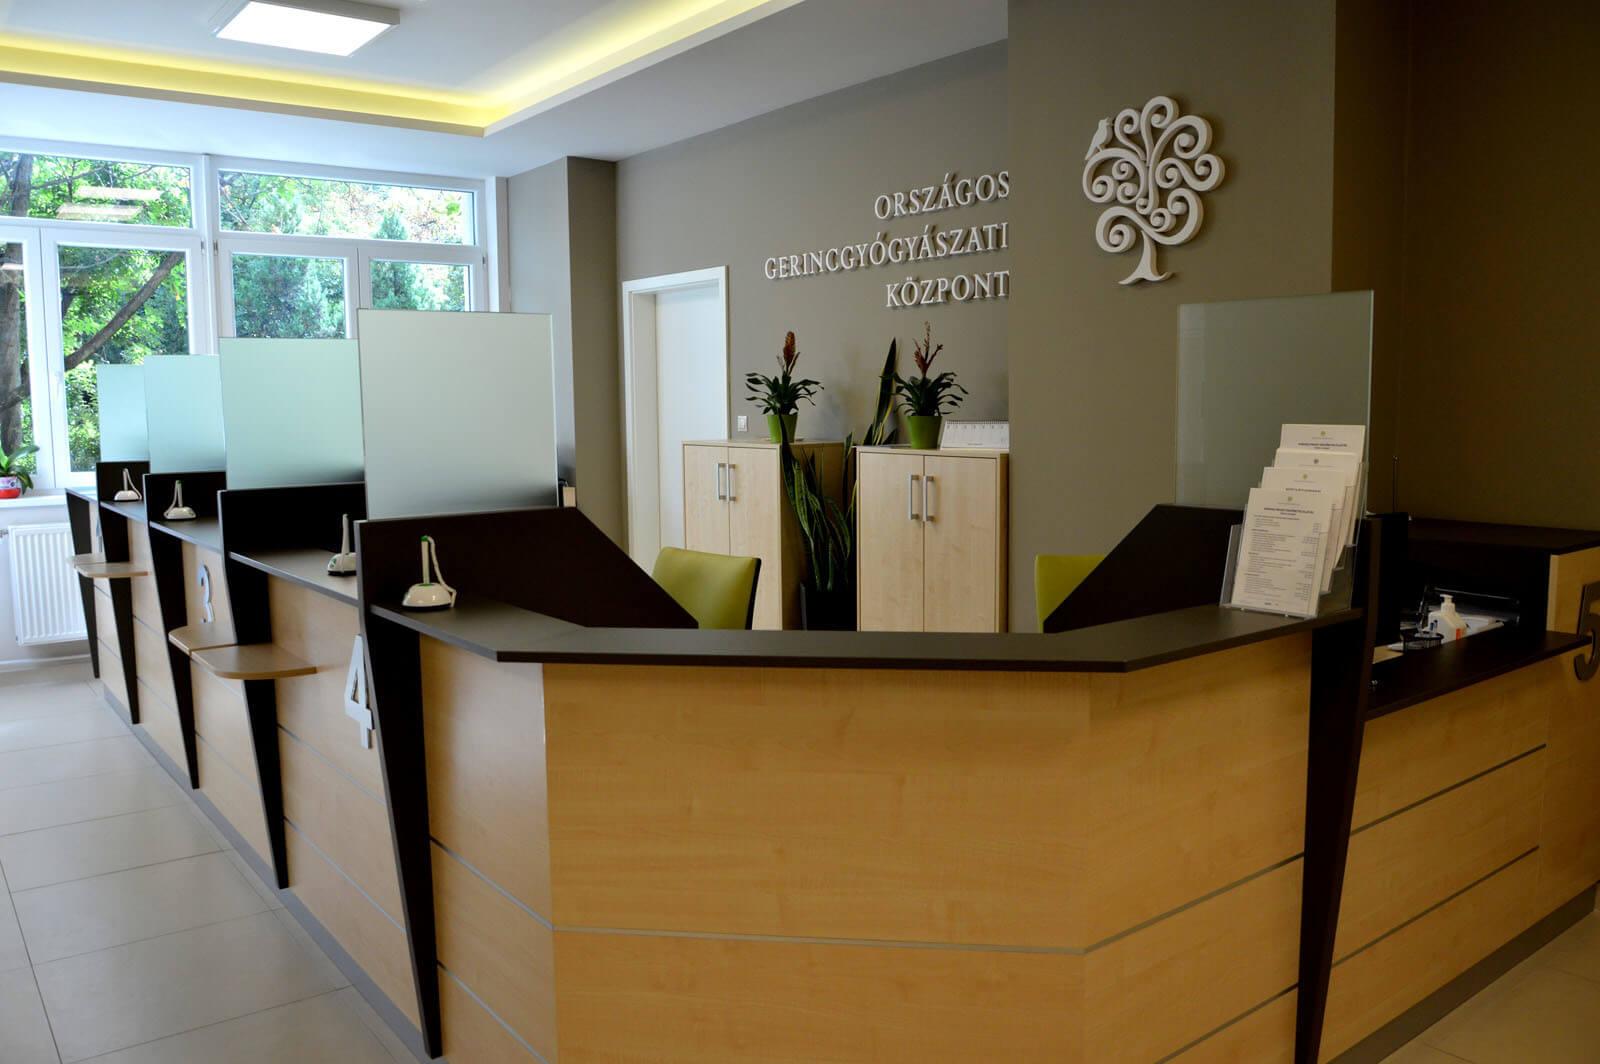 Egyedi recepciós pult készítés juhar színben, üveg elválasztóval, döntött előlappal, cégek részére